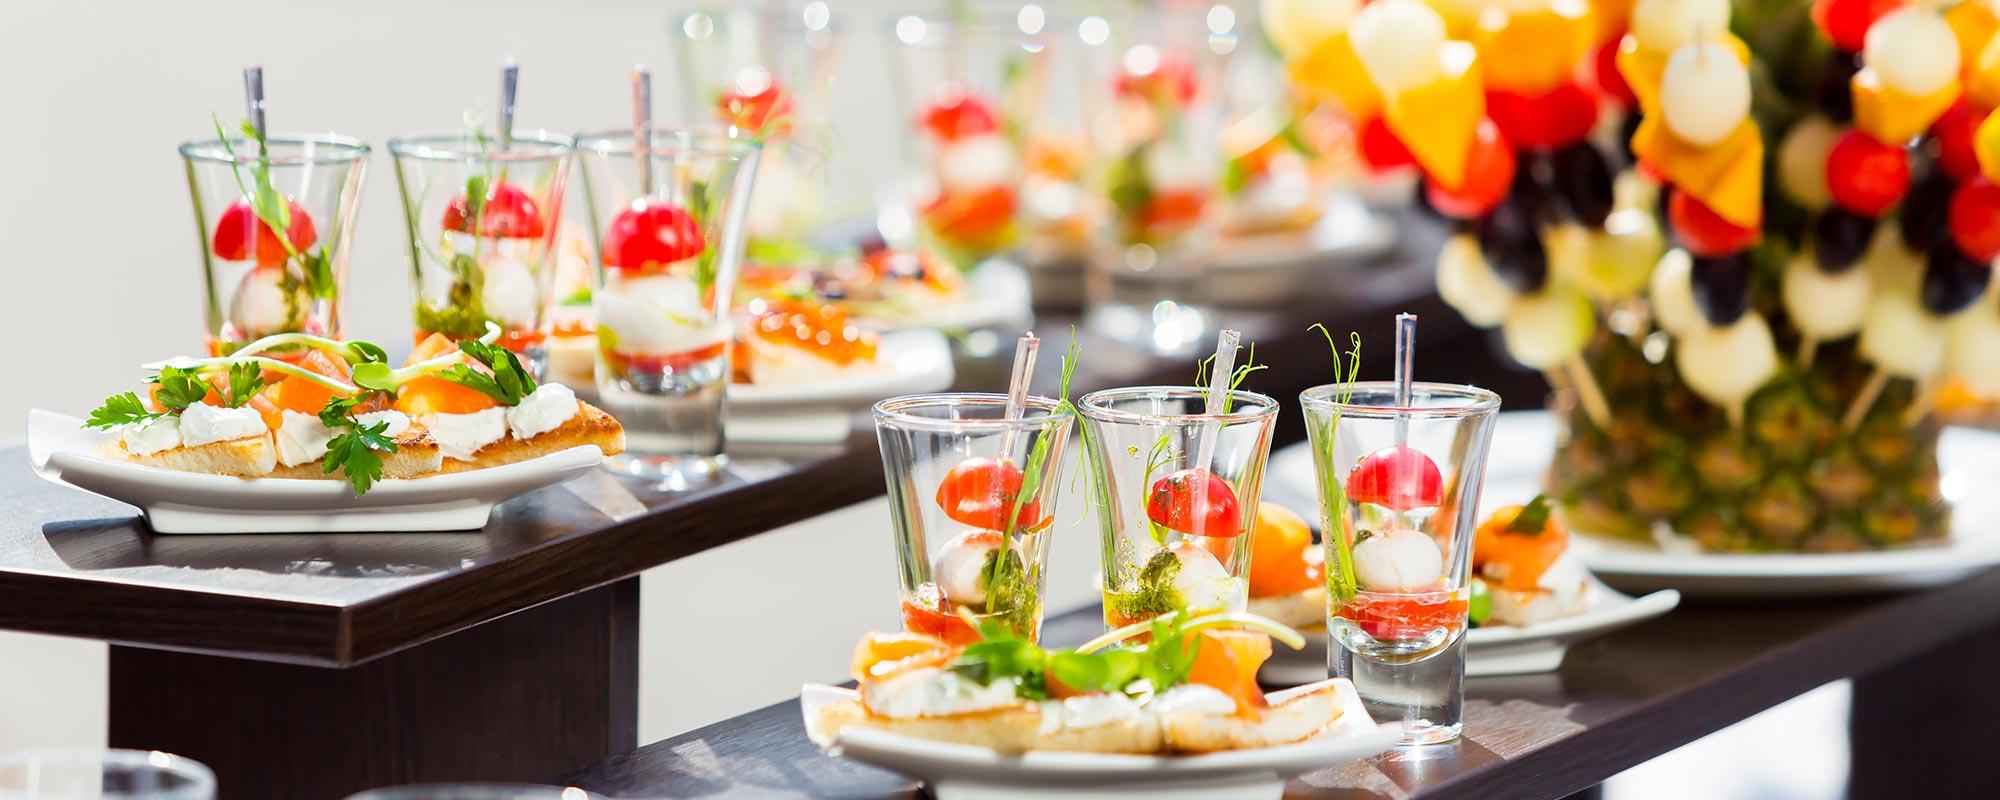 Fleischerei und Feinkost Sygusch - Catering Service Fingerfood - Bielefeld